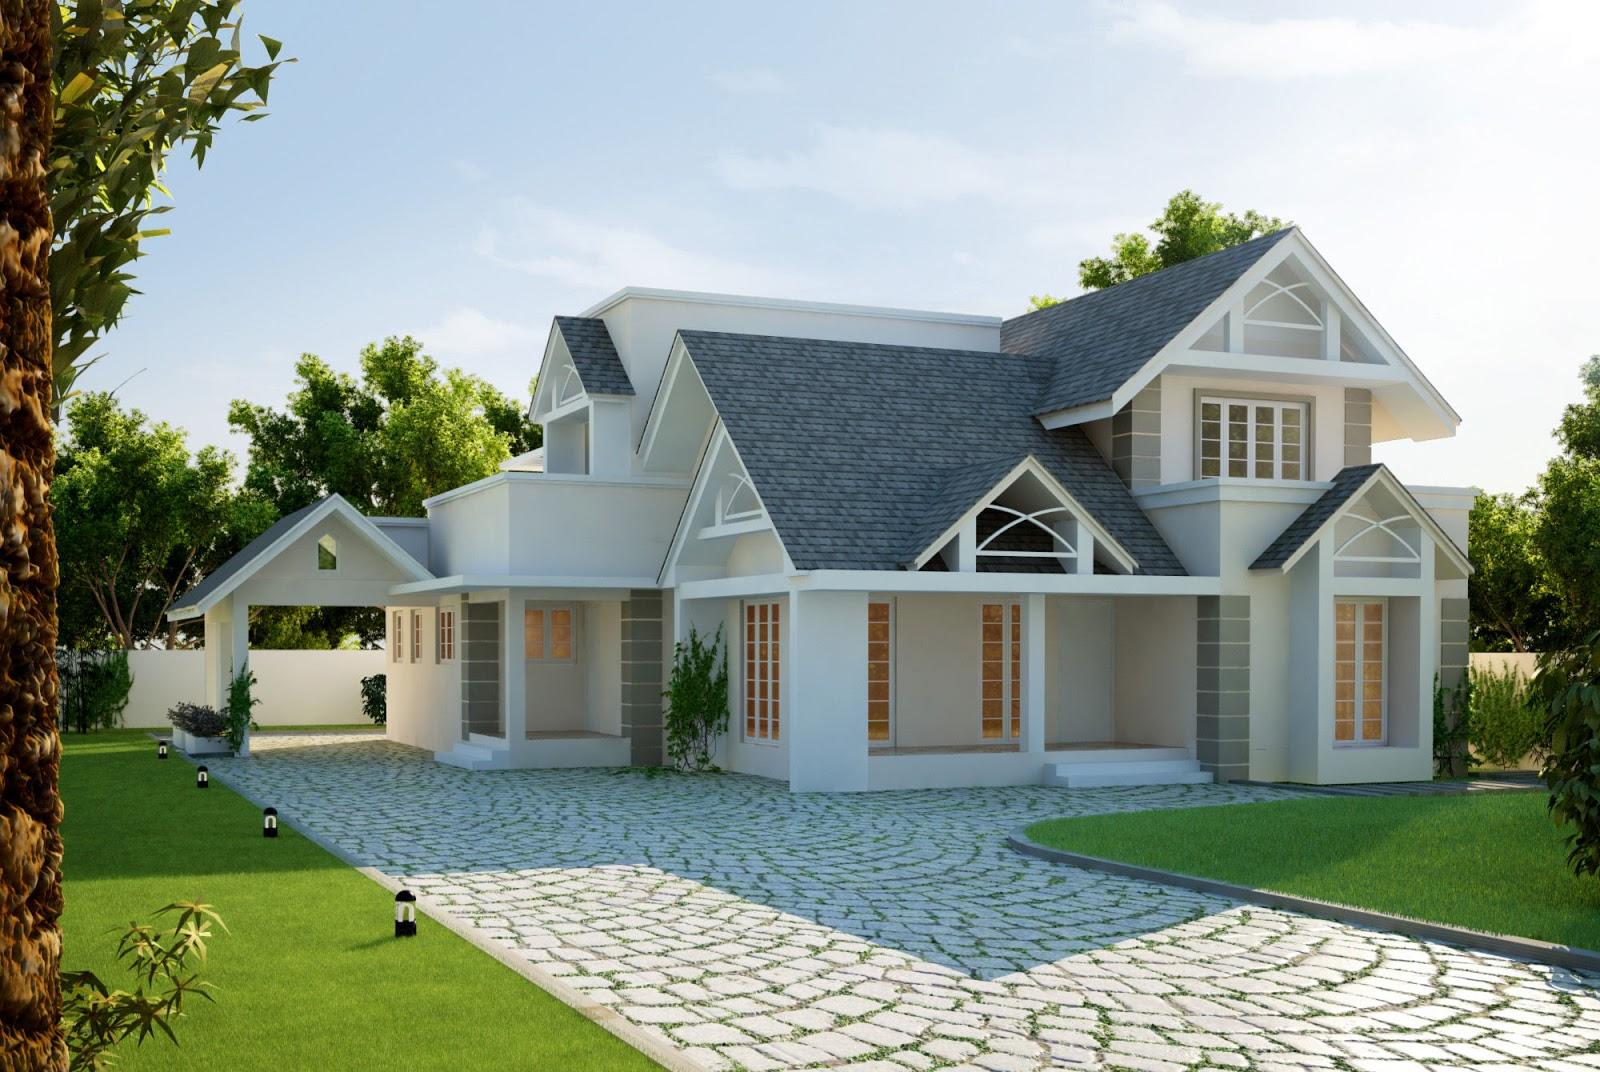 630+ Gambar Rumah Tampak Depan Ala Eropa Terbaru